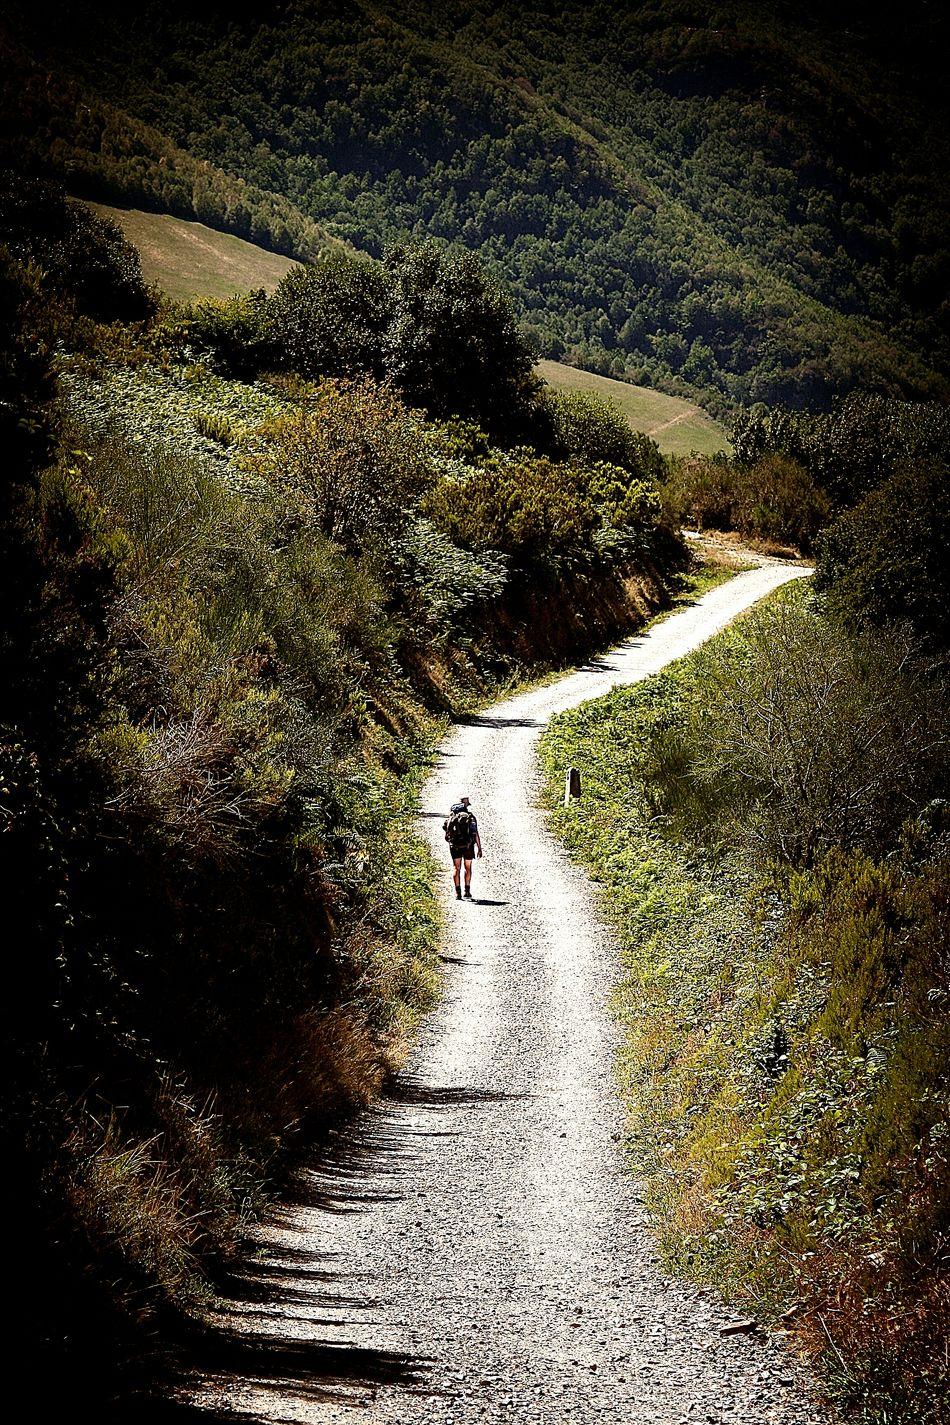 SPAIN El Camino De Santiago CaminodeSantiago Santiagodecompostela Traveling Travel BuenCamino Galicia Galicia, Spain Galizia